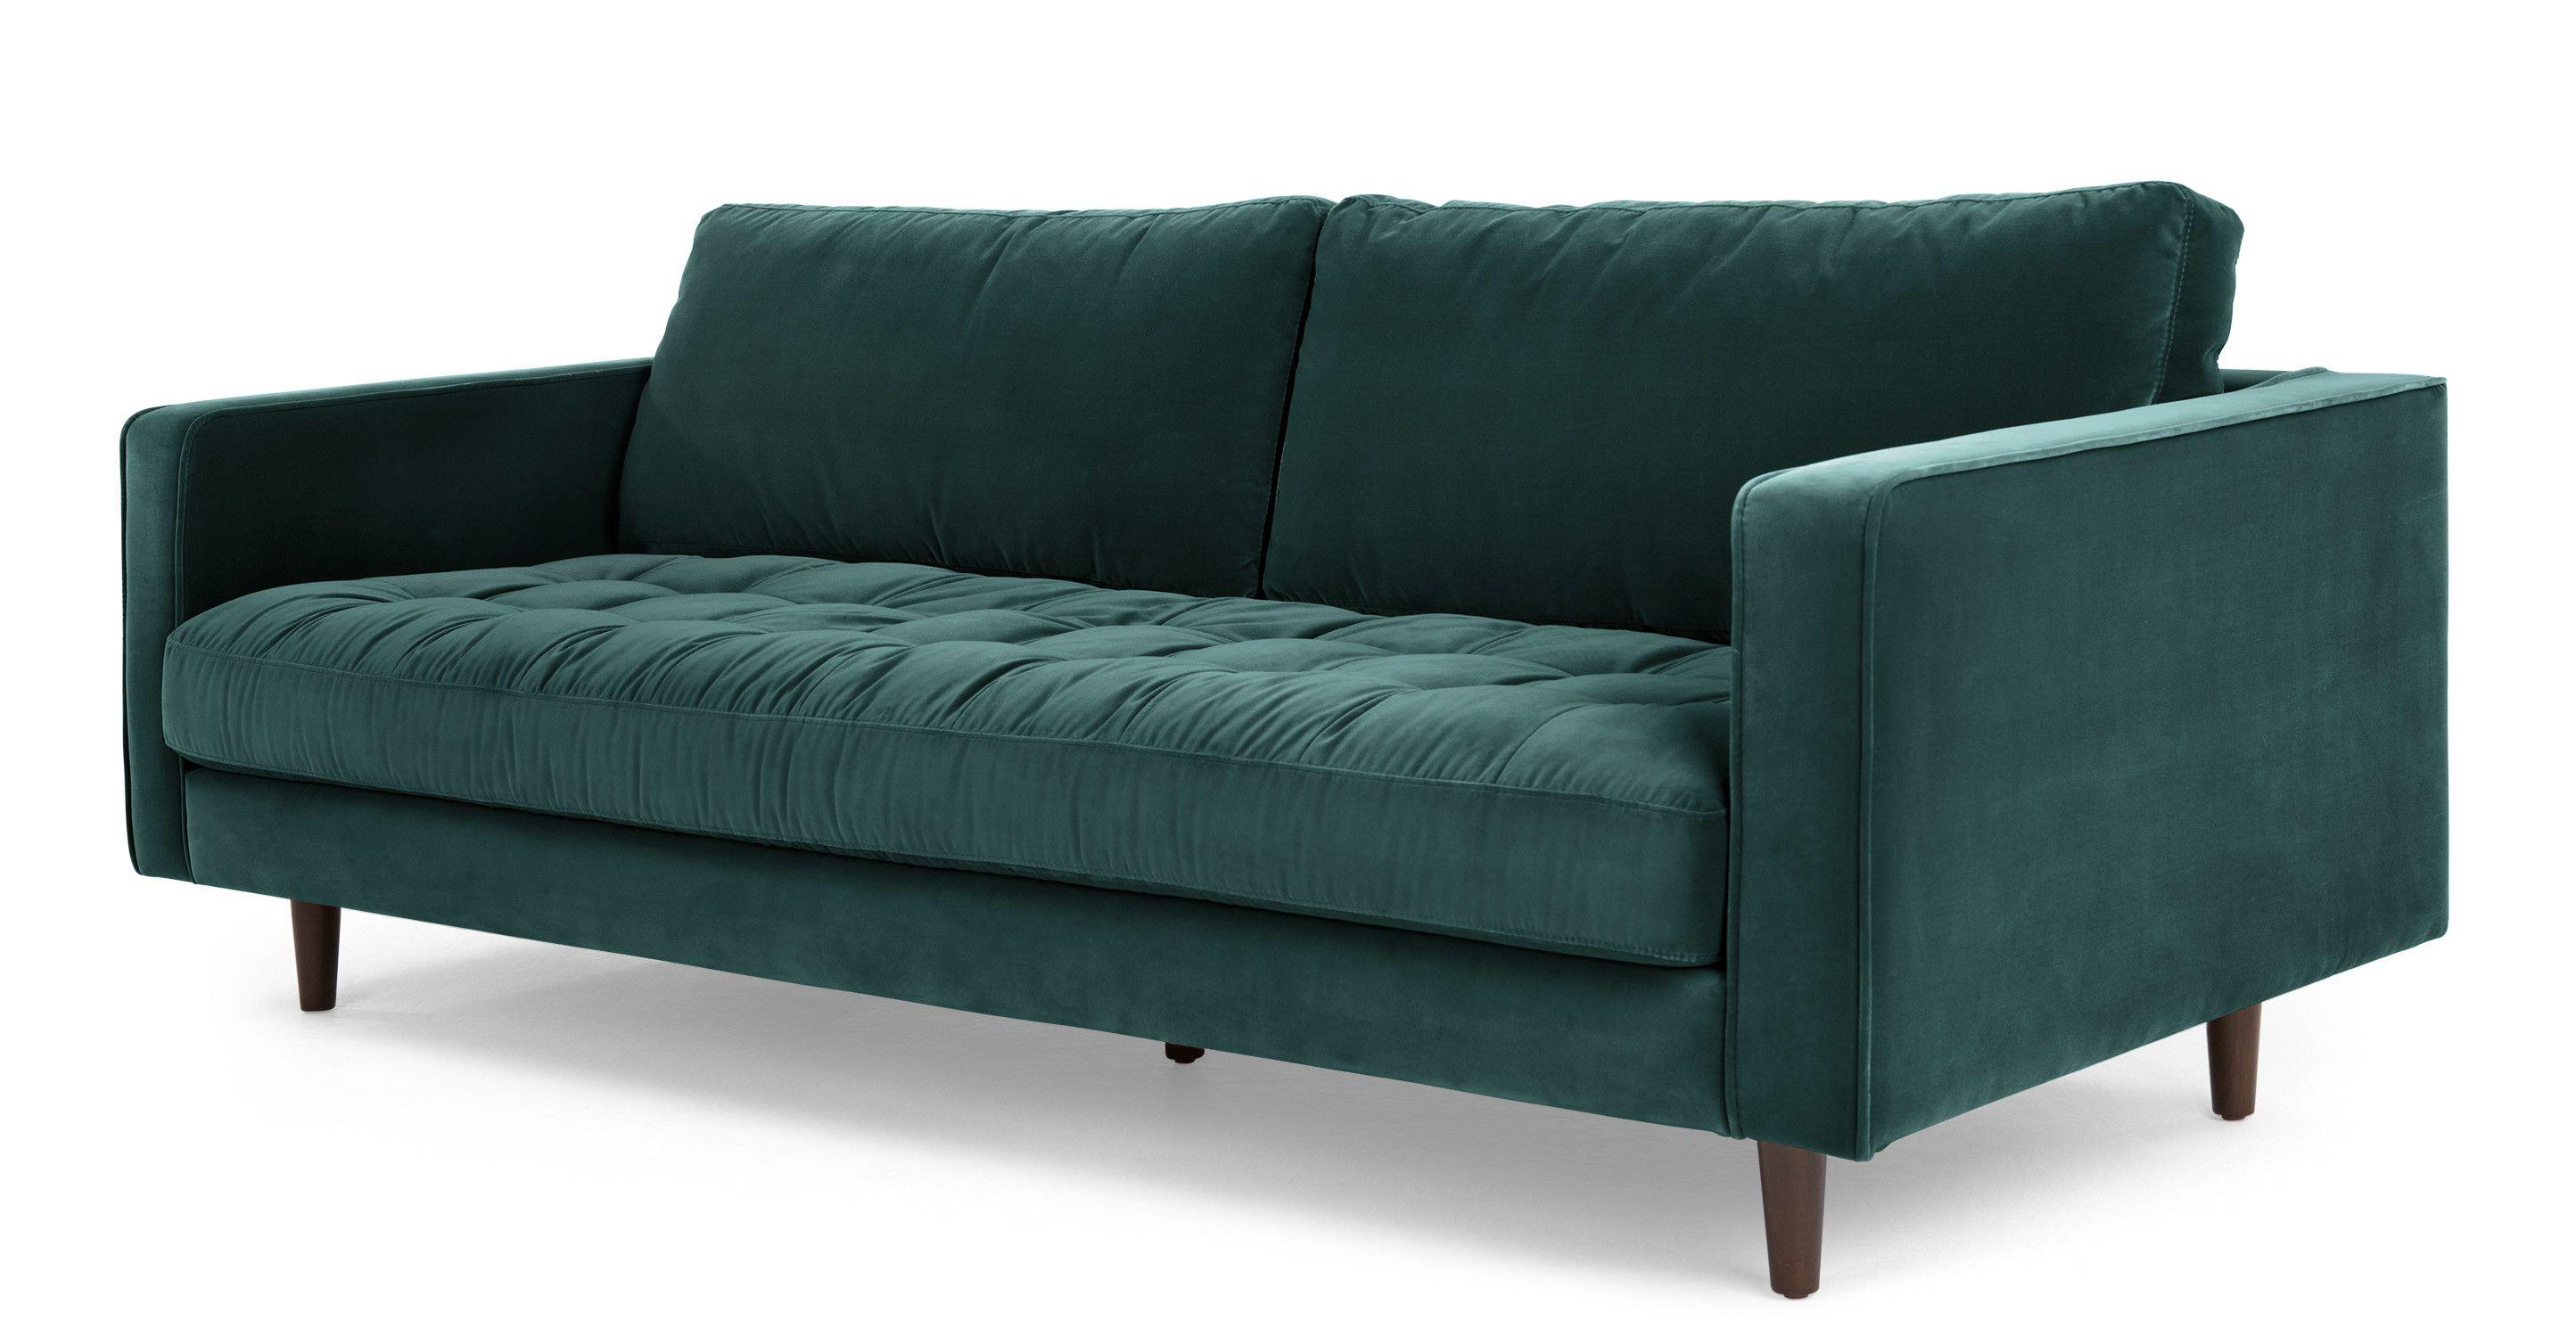 Made Petrol Cotton Velvet Sofa 3 Seater Sofa Sofa Sofa Furniture